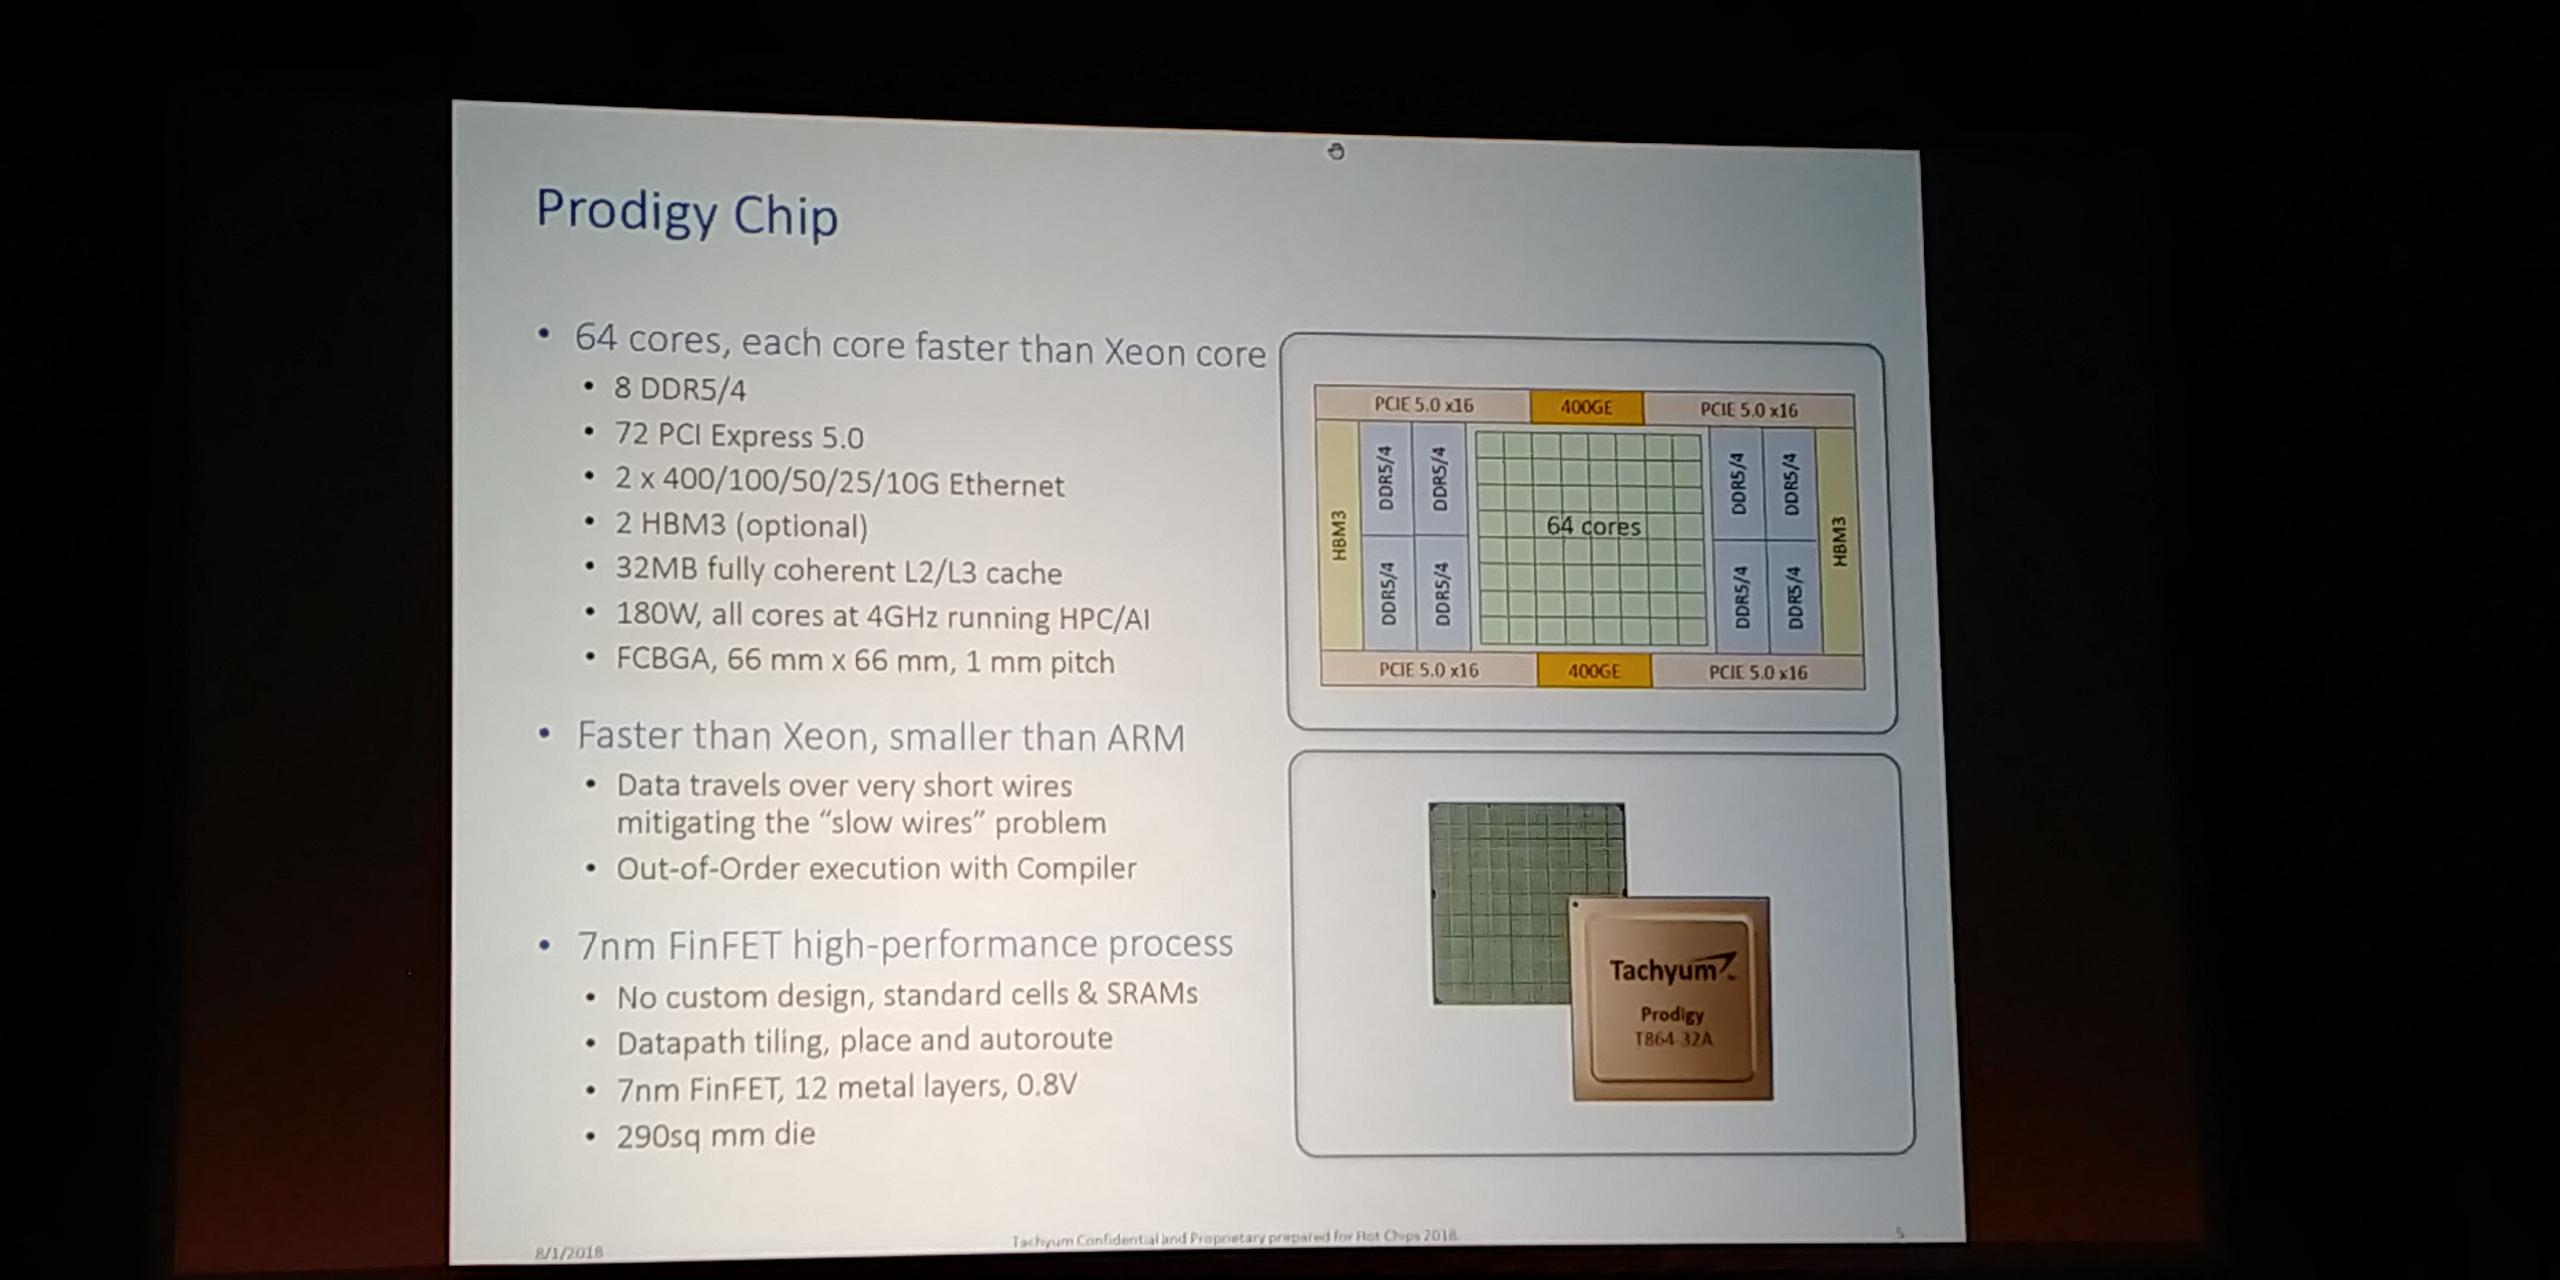 Hot Chips 2018: Tachyum Prodigy CPU Live Blog